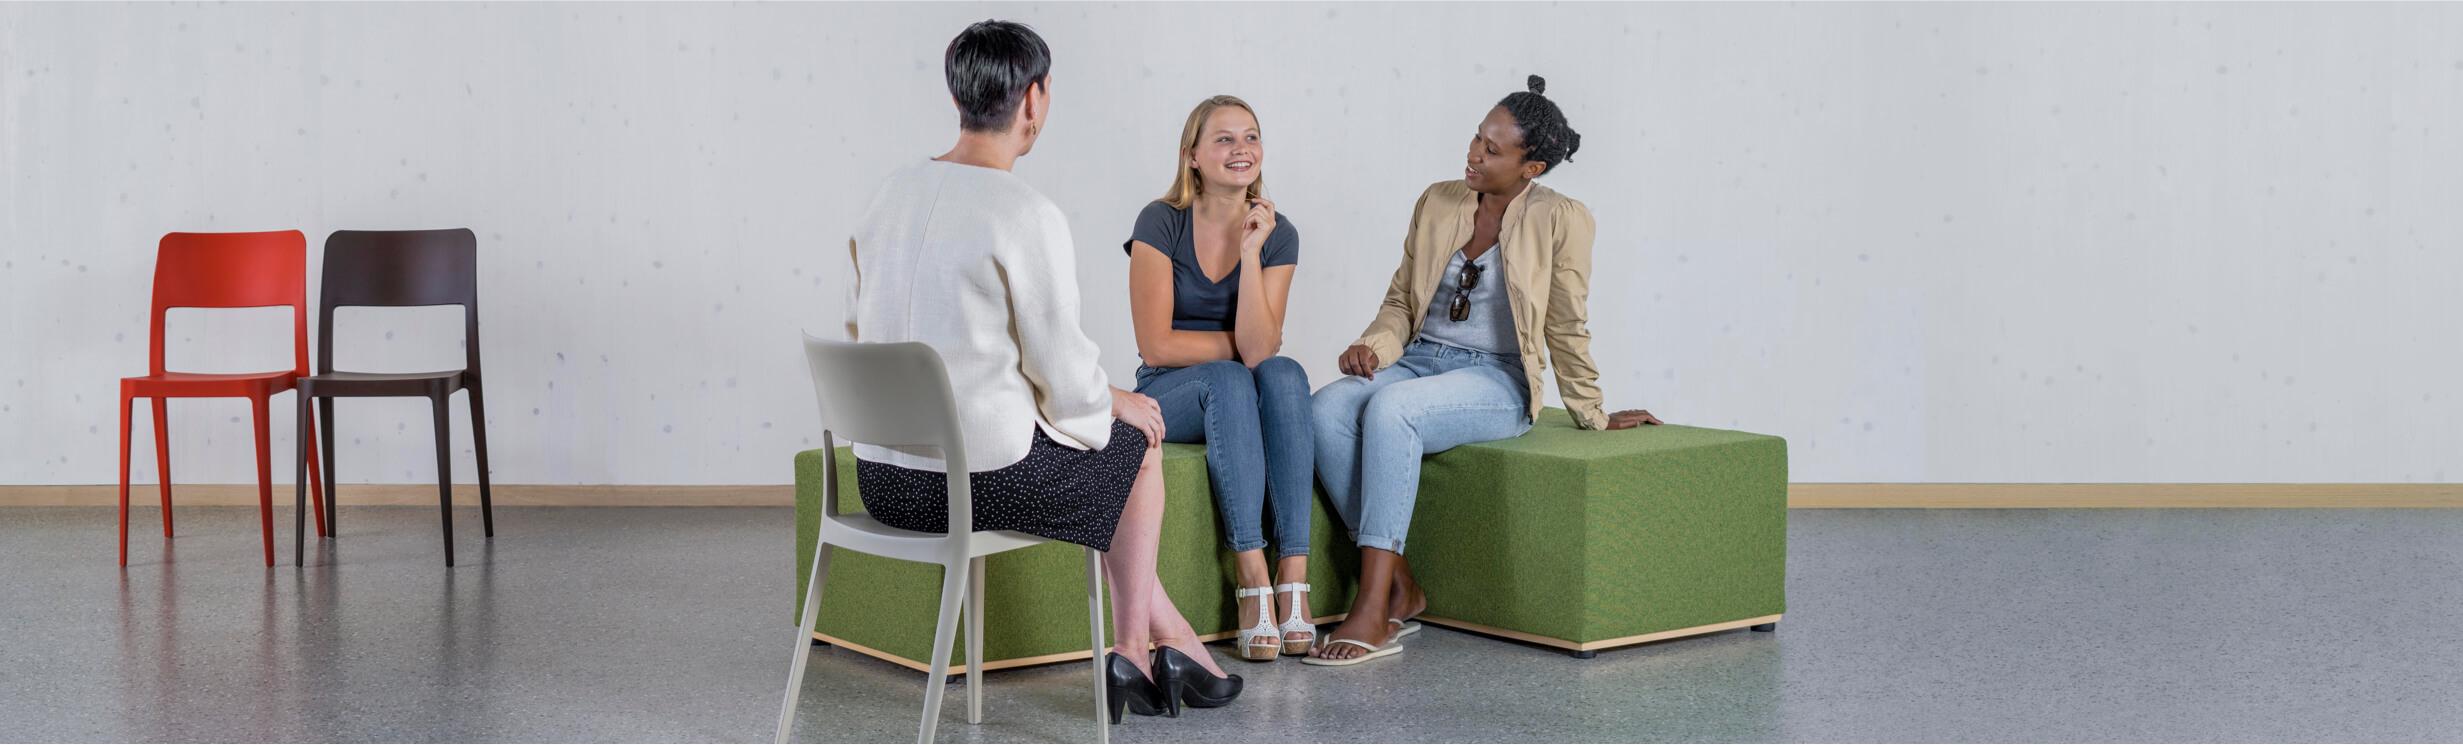 Drei Frauen sitzen beisammen und unterhalten sich